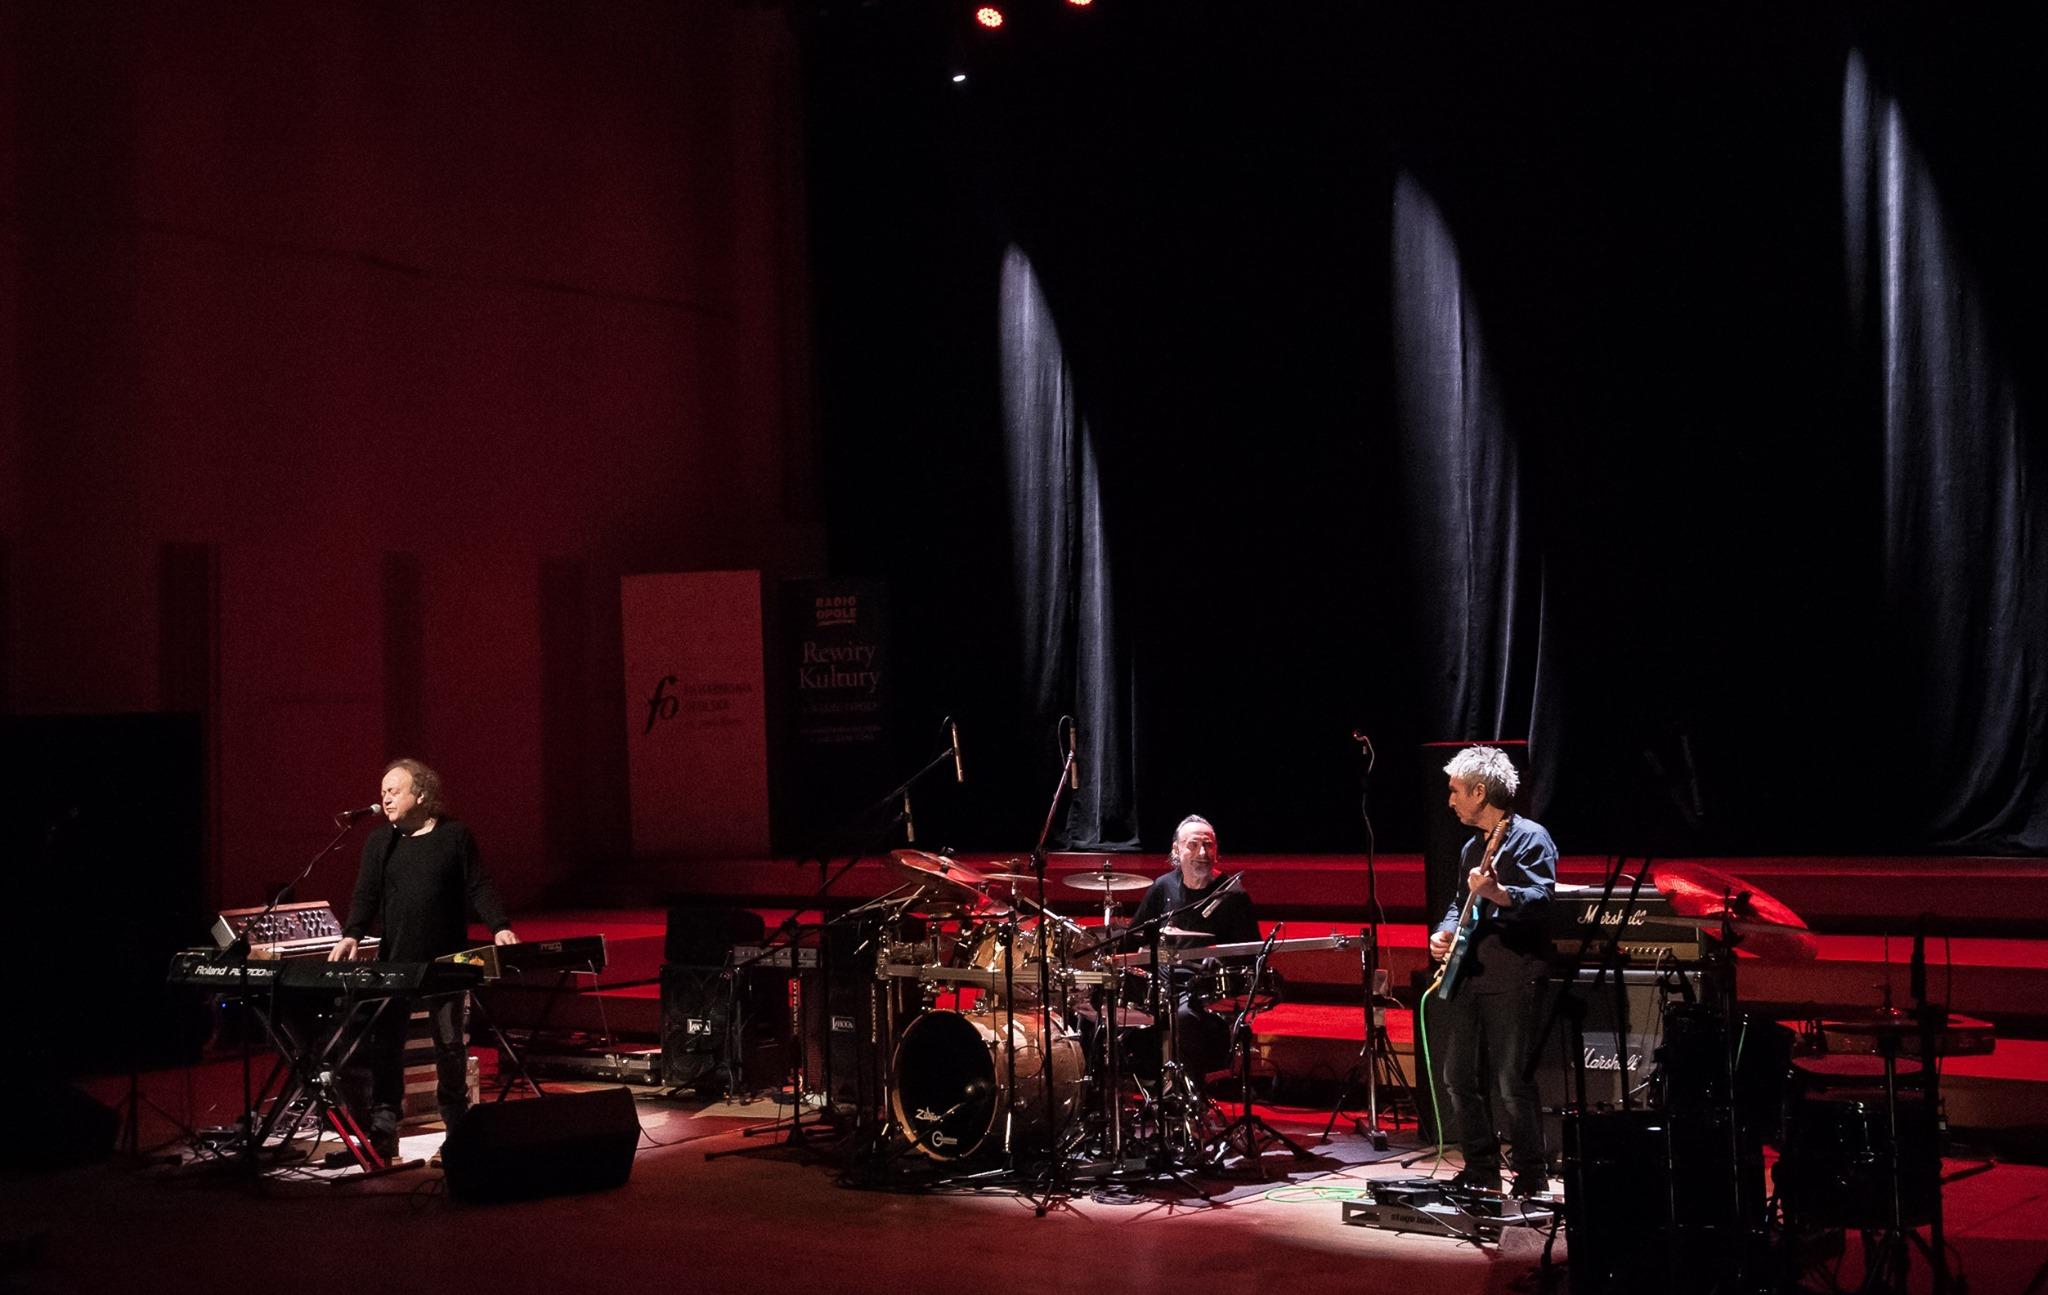 W sobotę (30.05) po 22:00 wrócimy do koncertu z okazji 40. rocznicy nagrania w studiu Radia Opole legendarnej płyty WELCOME grupy SBB [fot. Marek Bohdan]